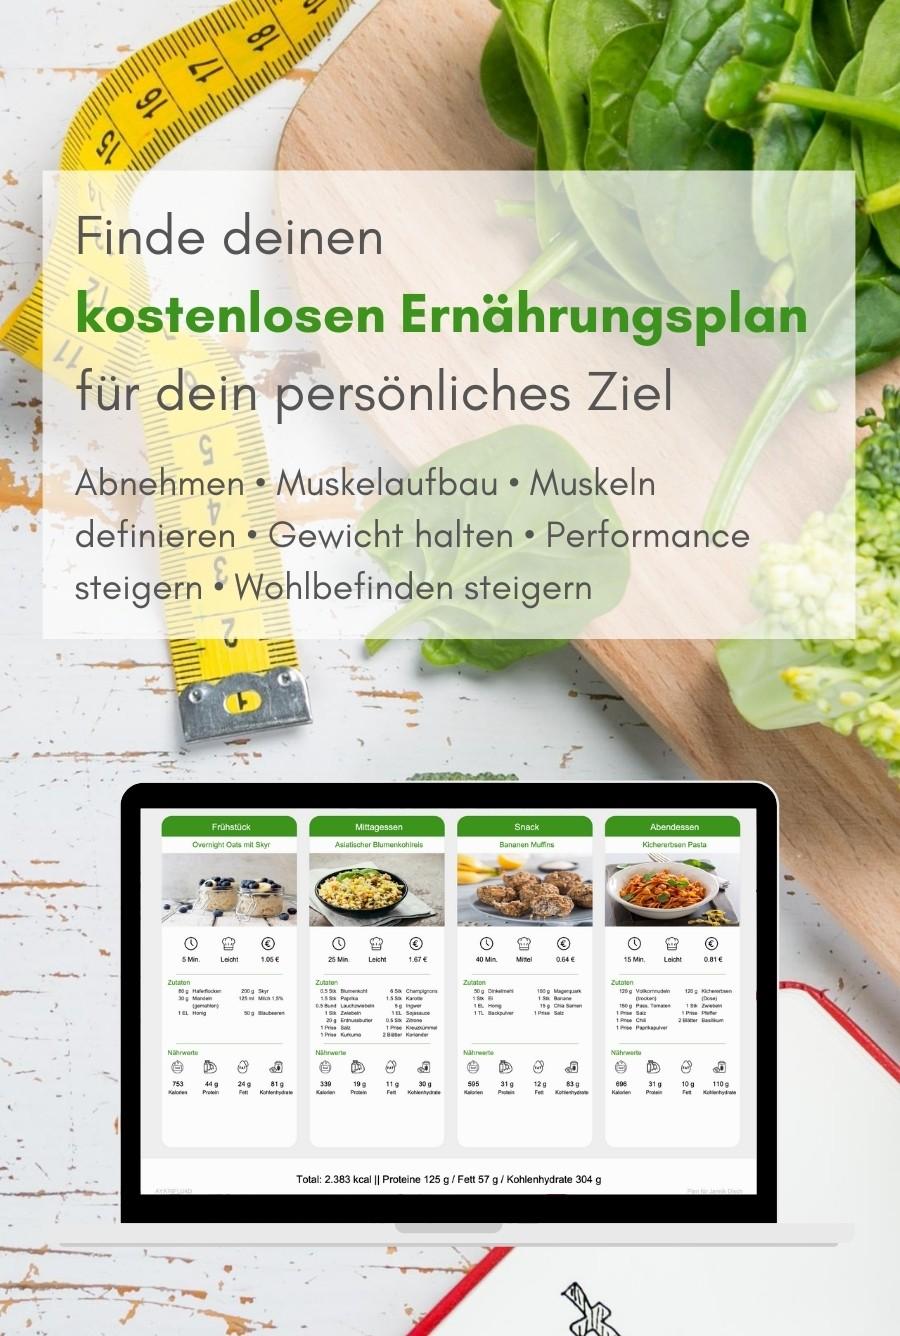 Kostenloser Ernährungsplan zum Abnehmen, für Muskelaufbau, Leistungssteigerung, Gesunde Ernährung, Vegane Ernährung, Vegetarisches Essen, Schnelles Kochen - Natty Gains (mobil)